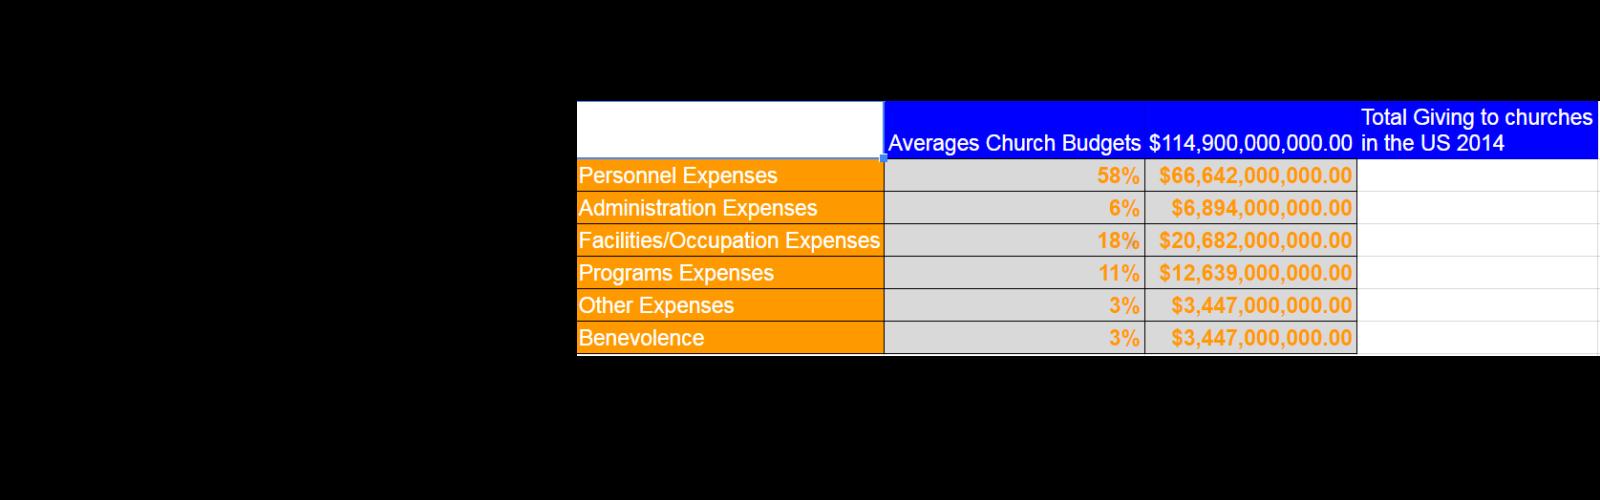 ChurchSurvey-1600x500BLK